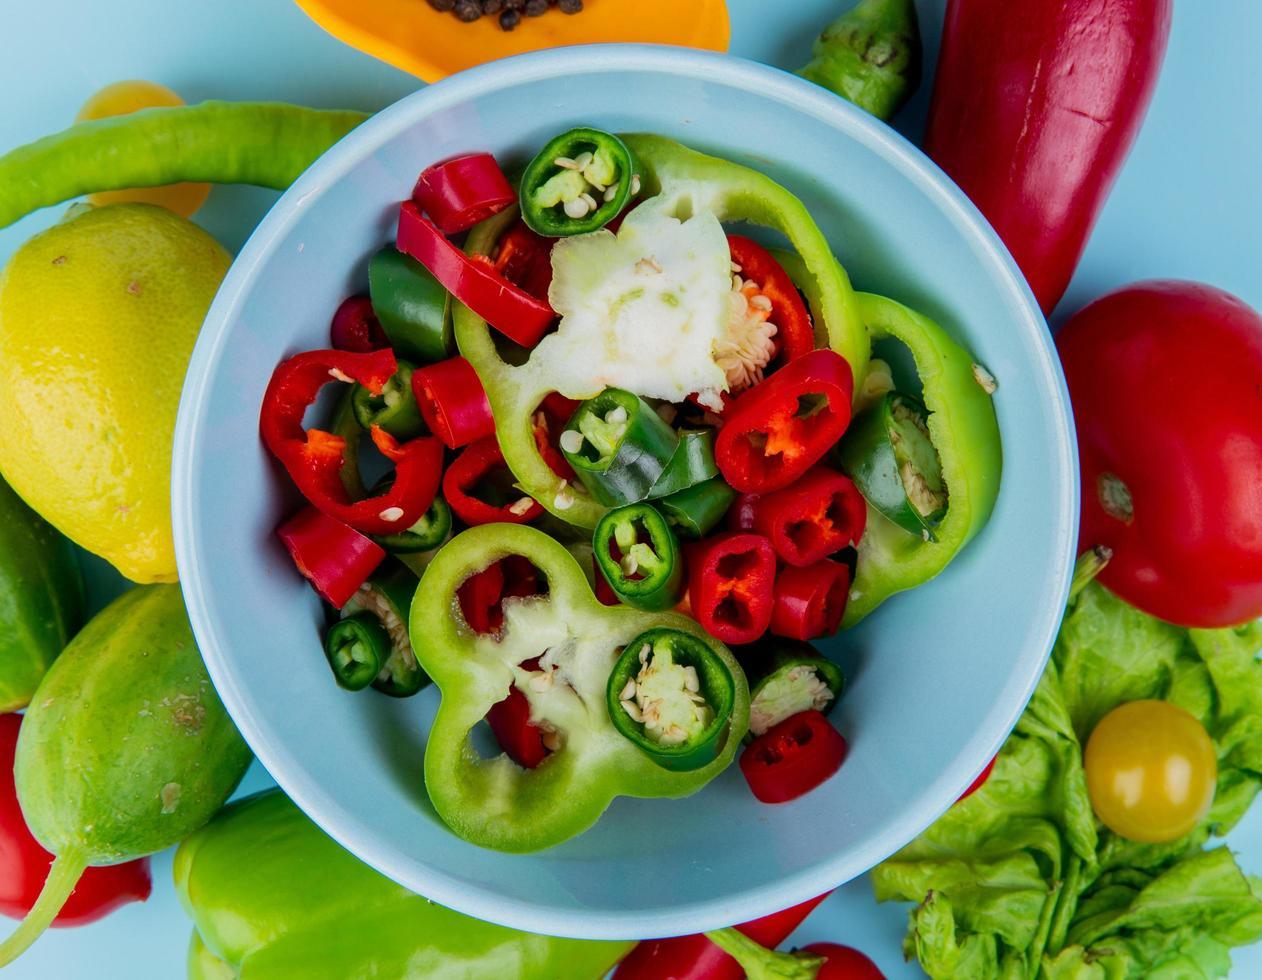 bovenaanzicht van peper plakjes in kom met groenten als tomaat paprika sla met citroen op blauwe achtergrond foto